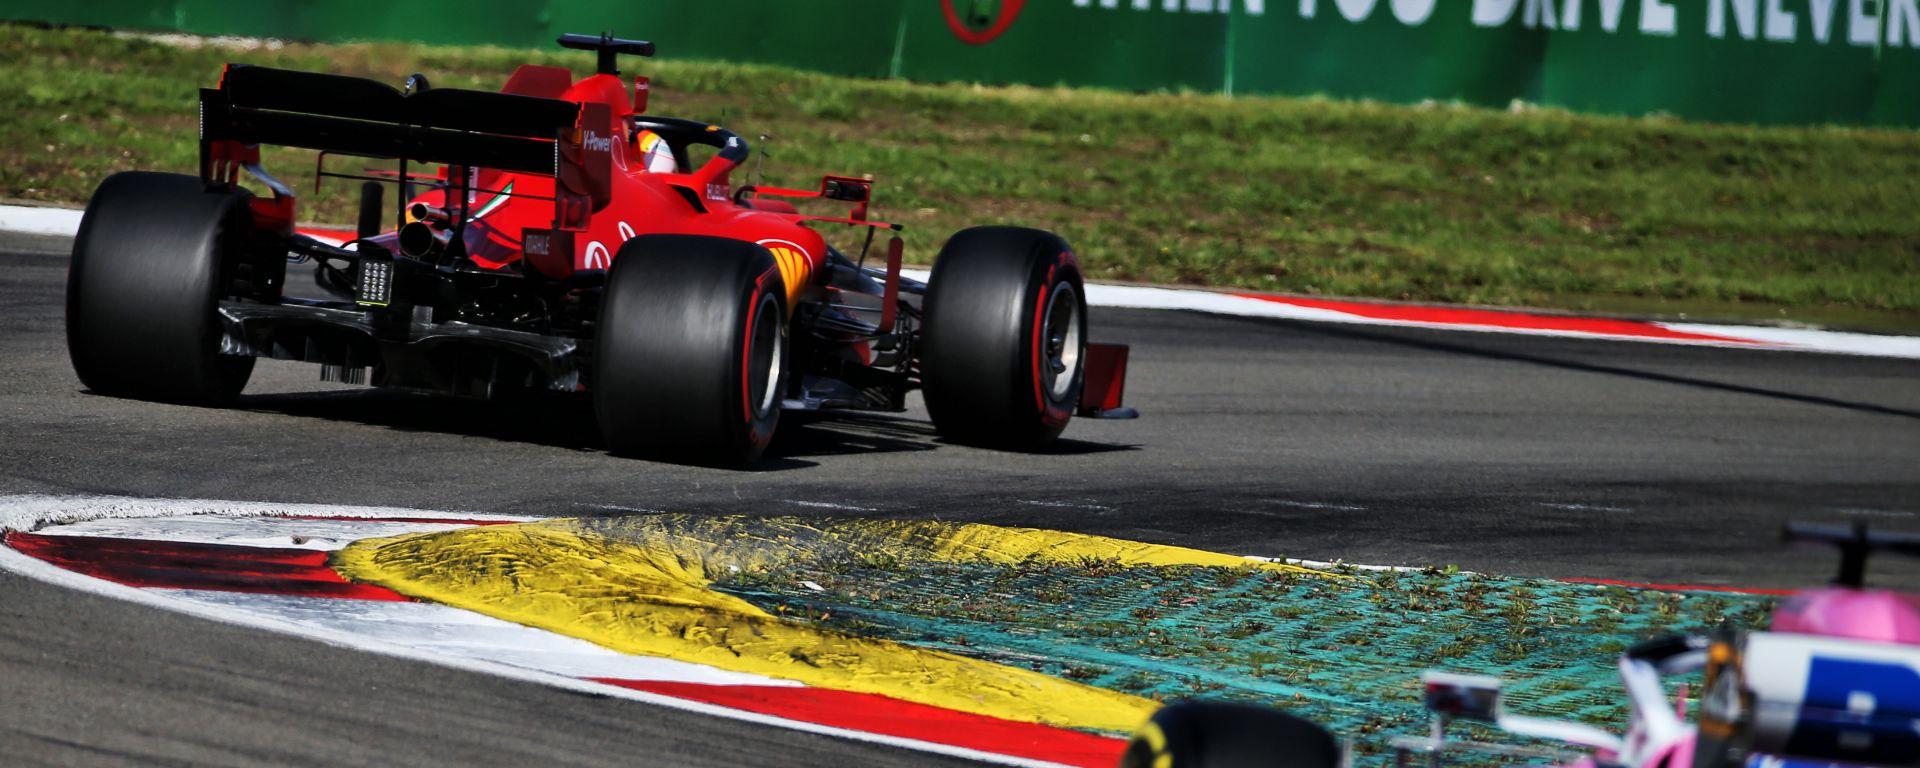 F1 GP Eifel 2020, Nurburgring: Sebastian Vettel (Scuderia Ferrari)